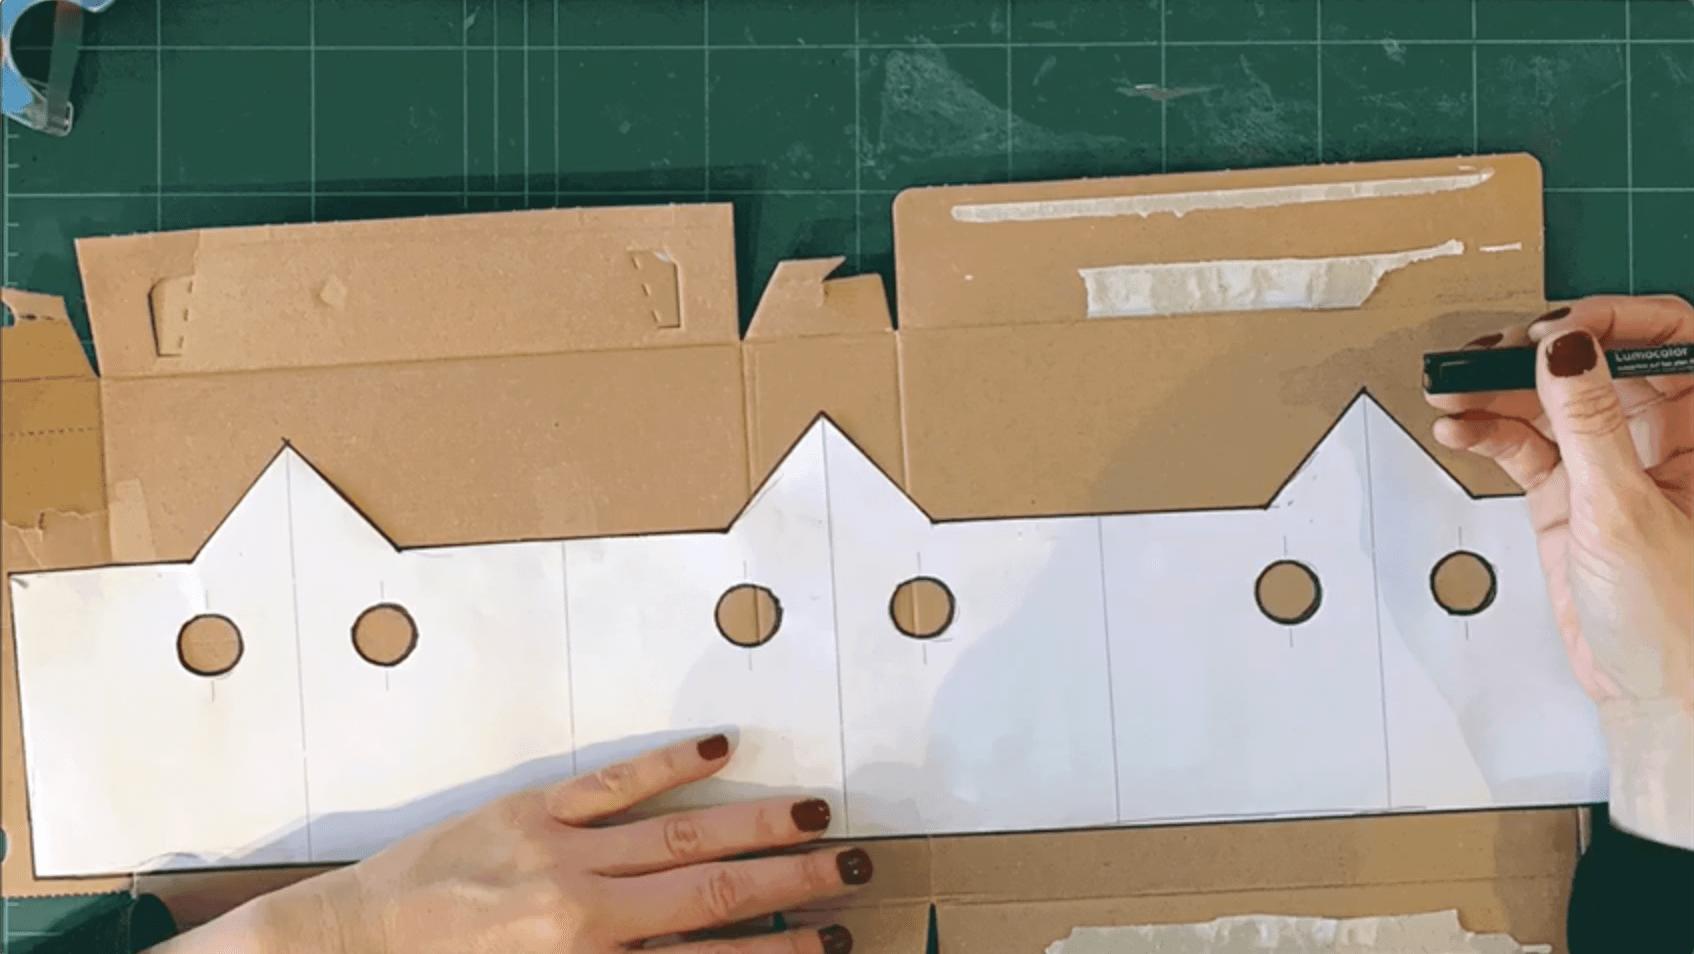 El Protector de manillas DIY que evita contagios que puedes construir gratis 71